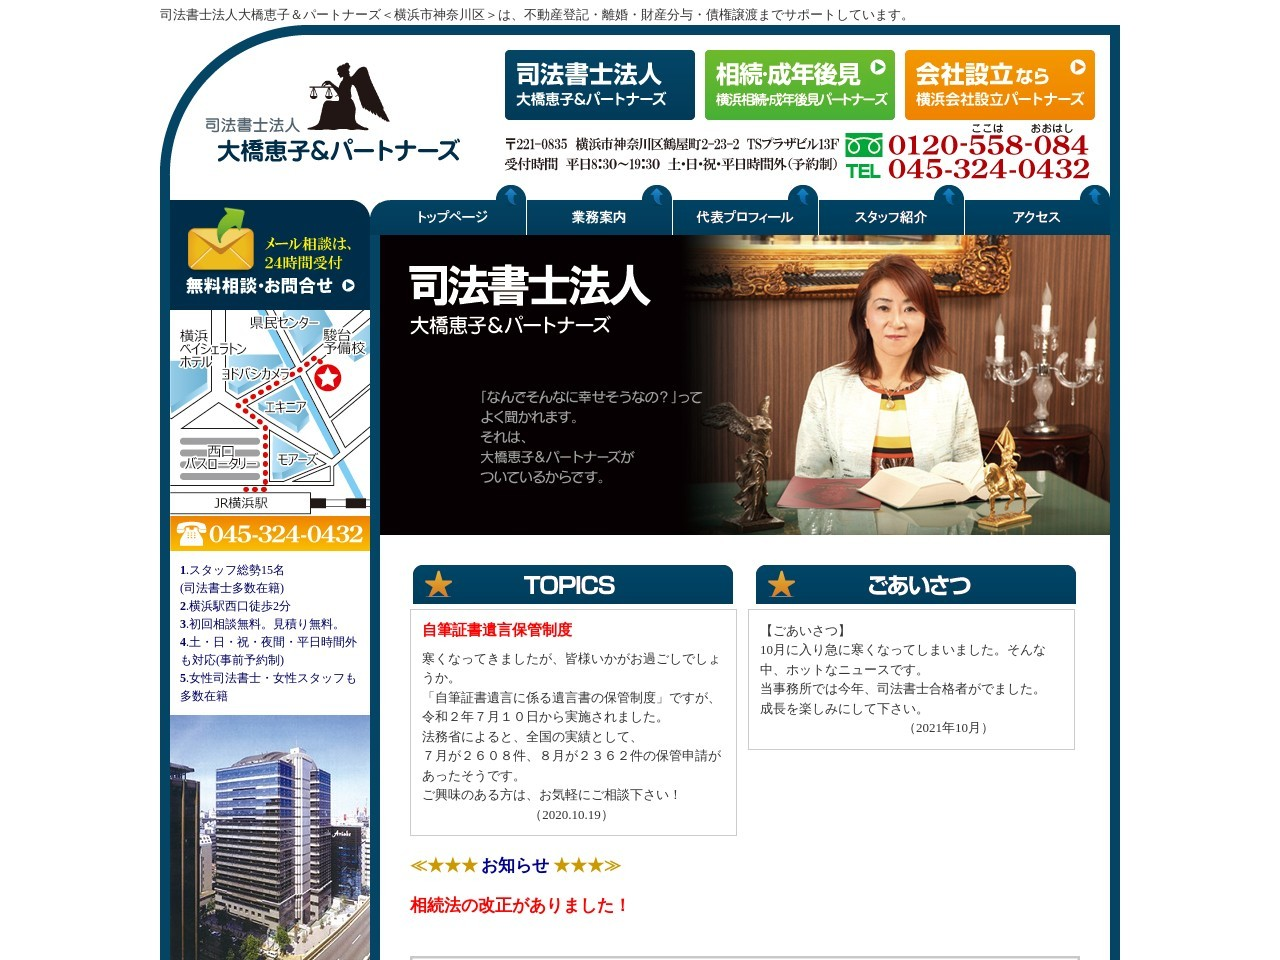 大橋恵子&パートナーズ(司法書士法人)